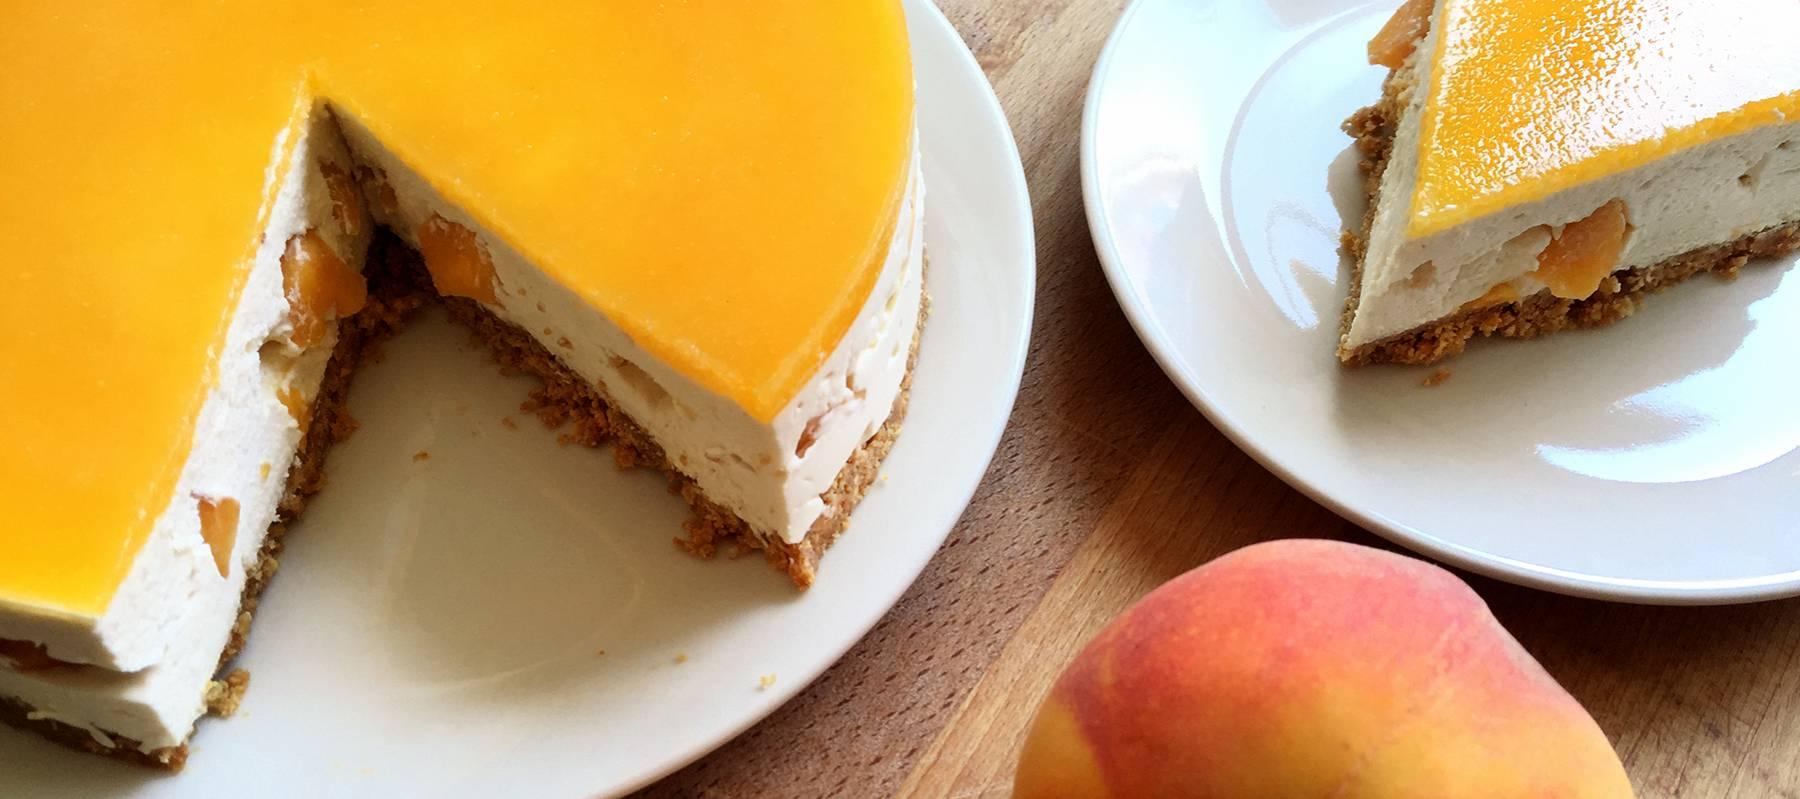 Tarta de queso philadelphia laminas gelatina